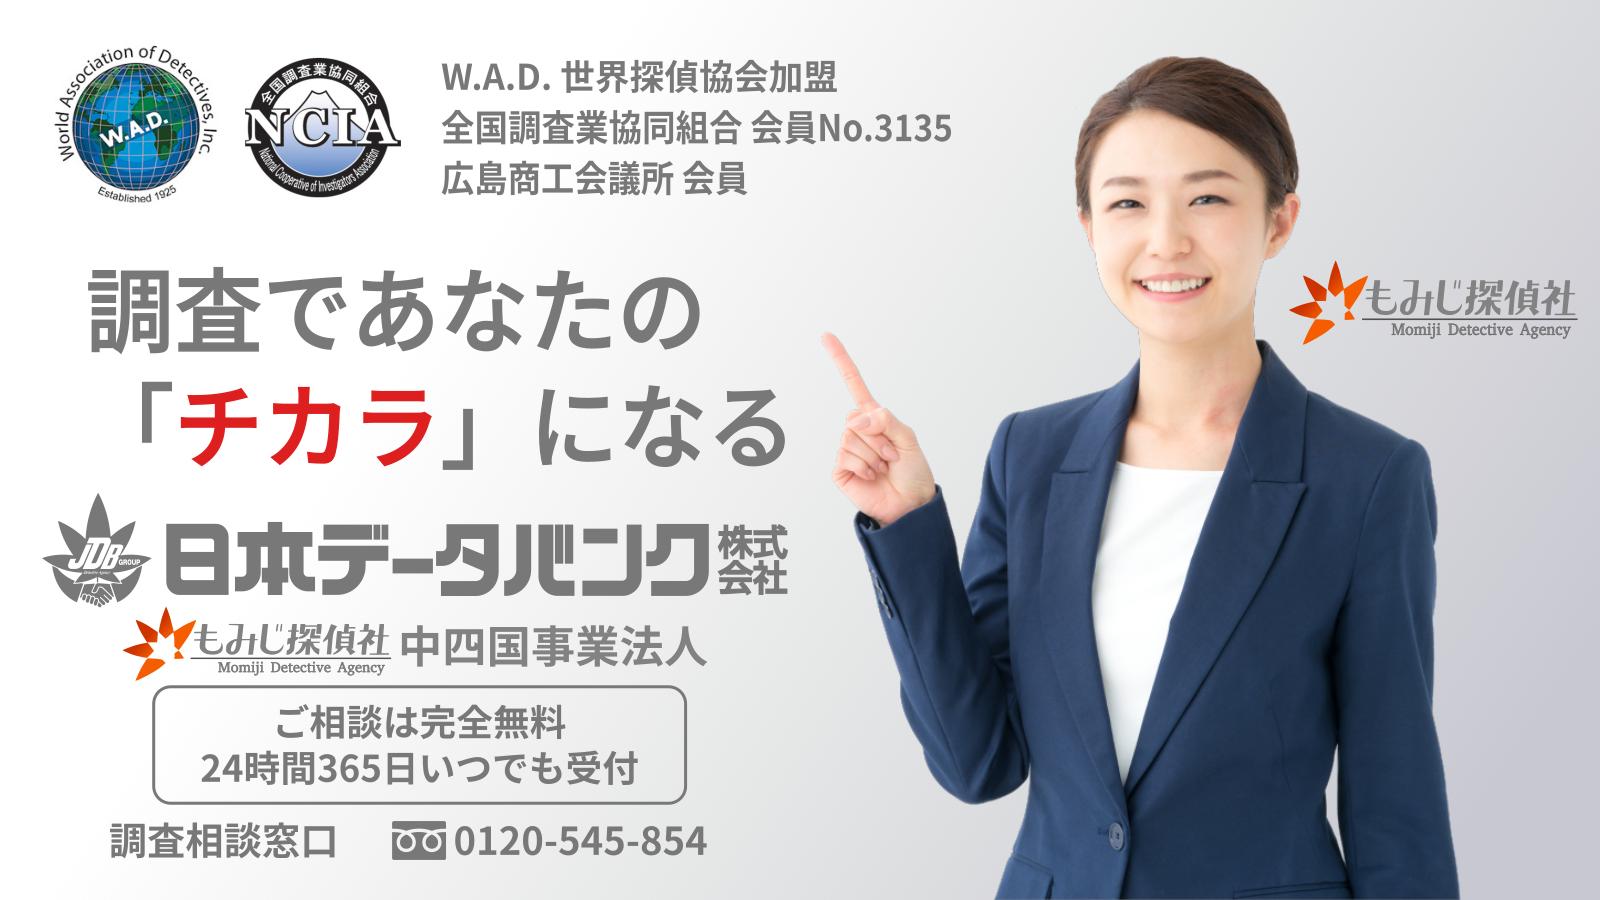 西日本最大手の総合探偵事務所・興信所の日本データバンク 浮気調査、不倫調査、結婚相手調査、人探しなどご相談は無料です